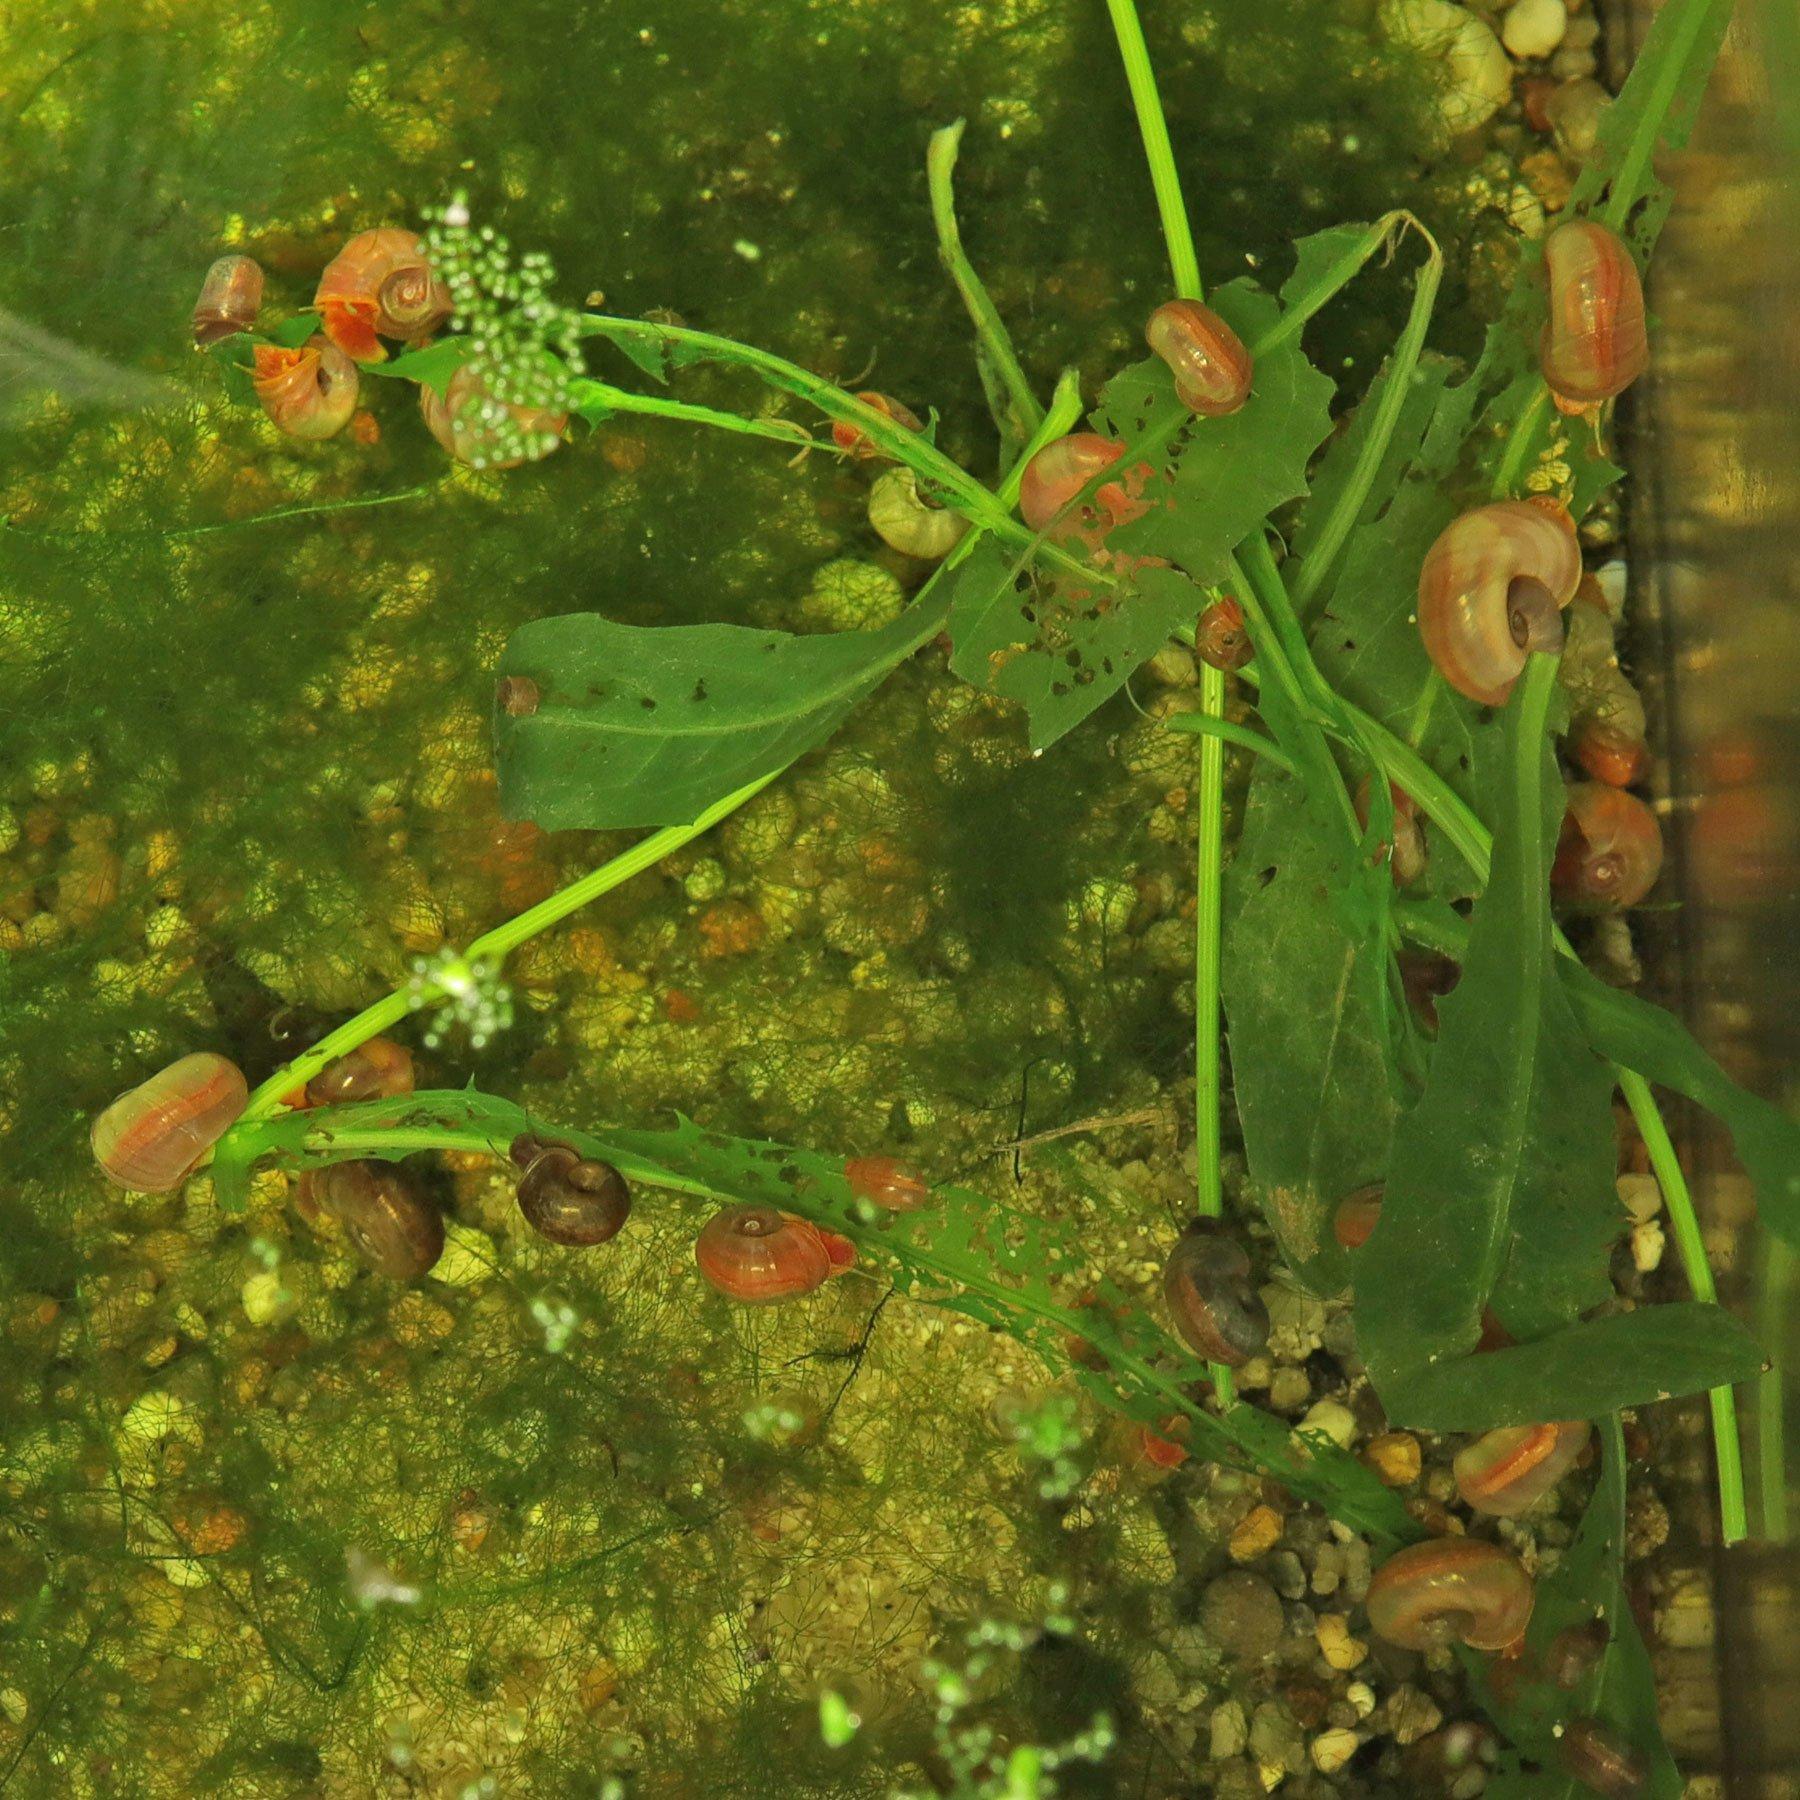 Posthornschnecken fressen Pippau